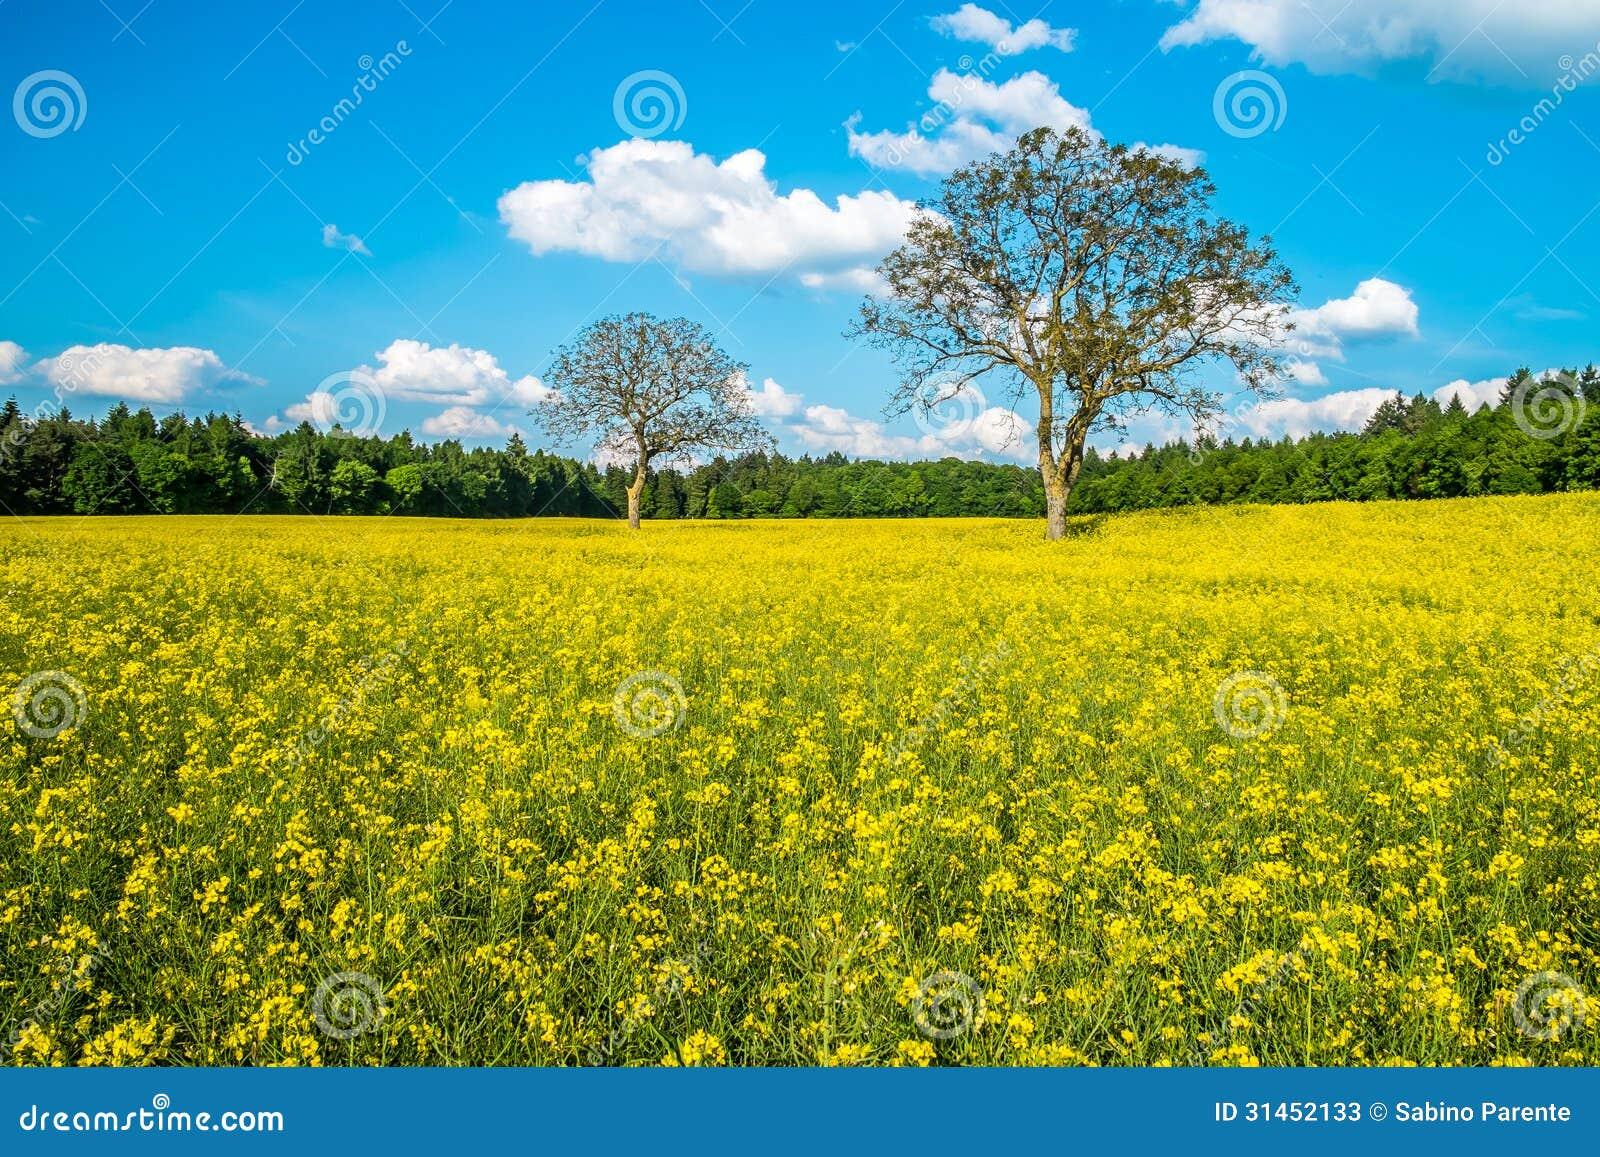 beautiful yellow field landscape - photo #5